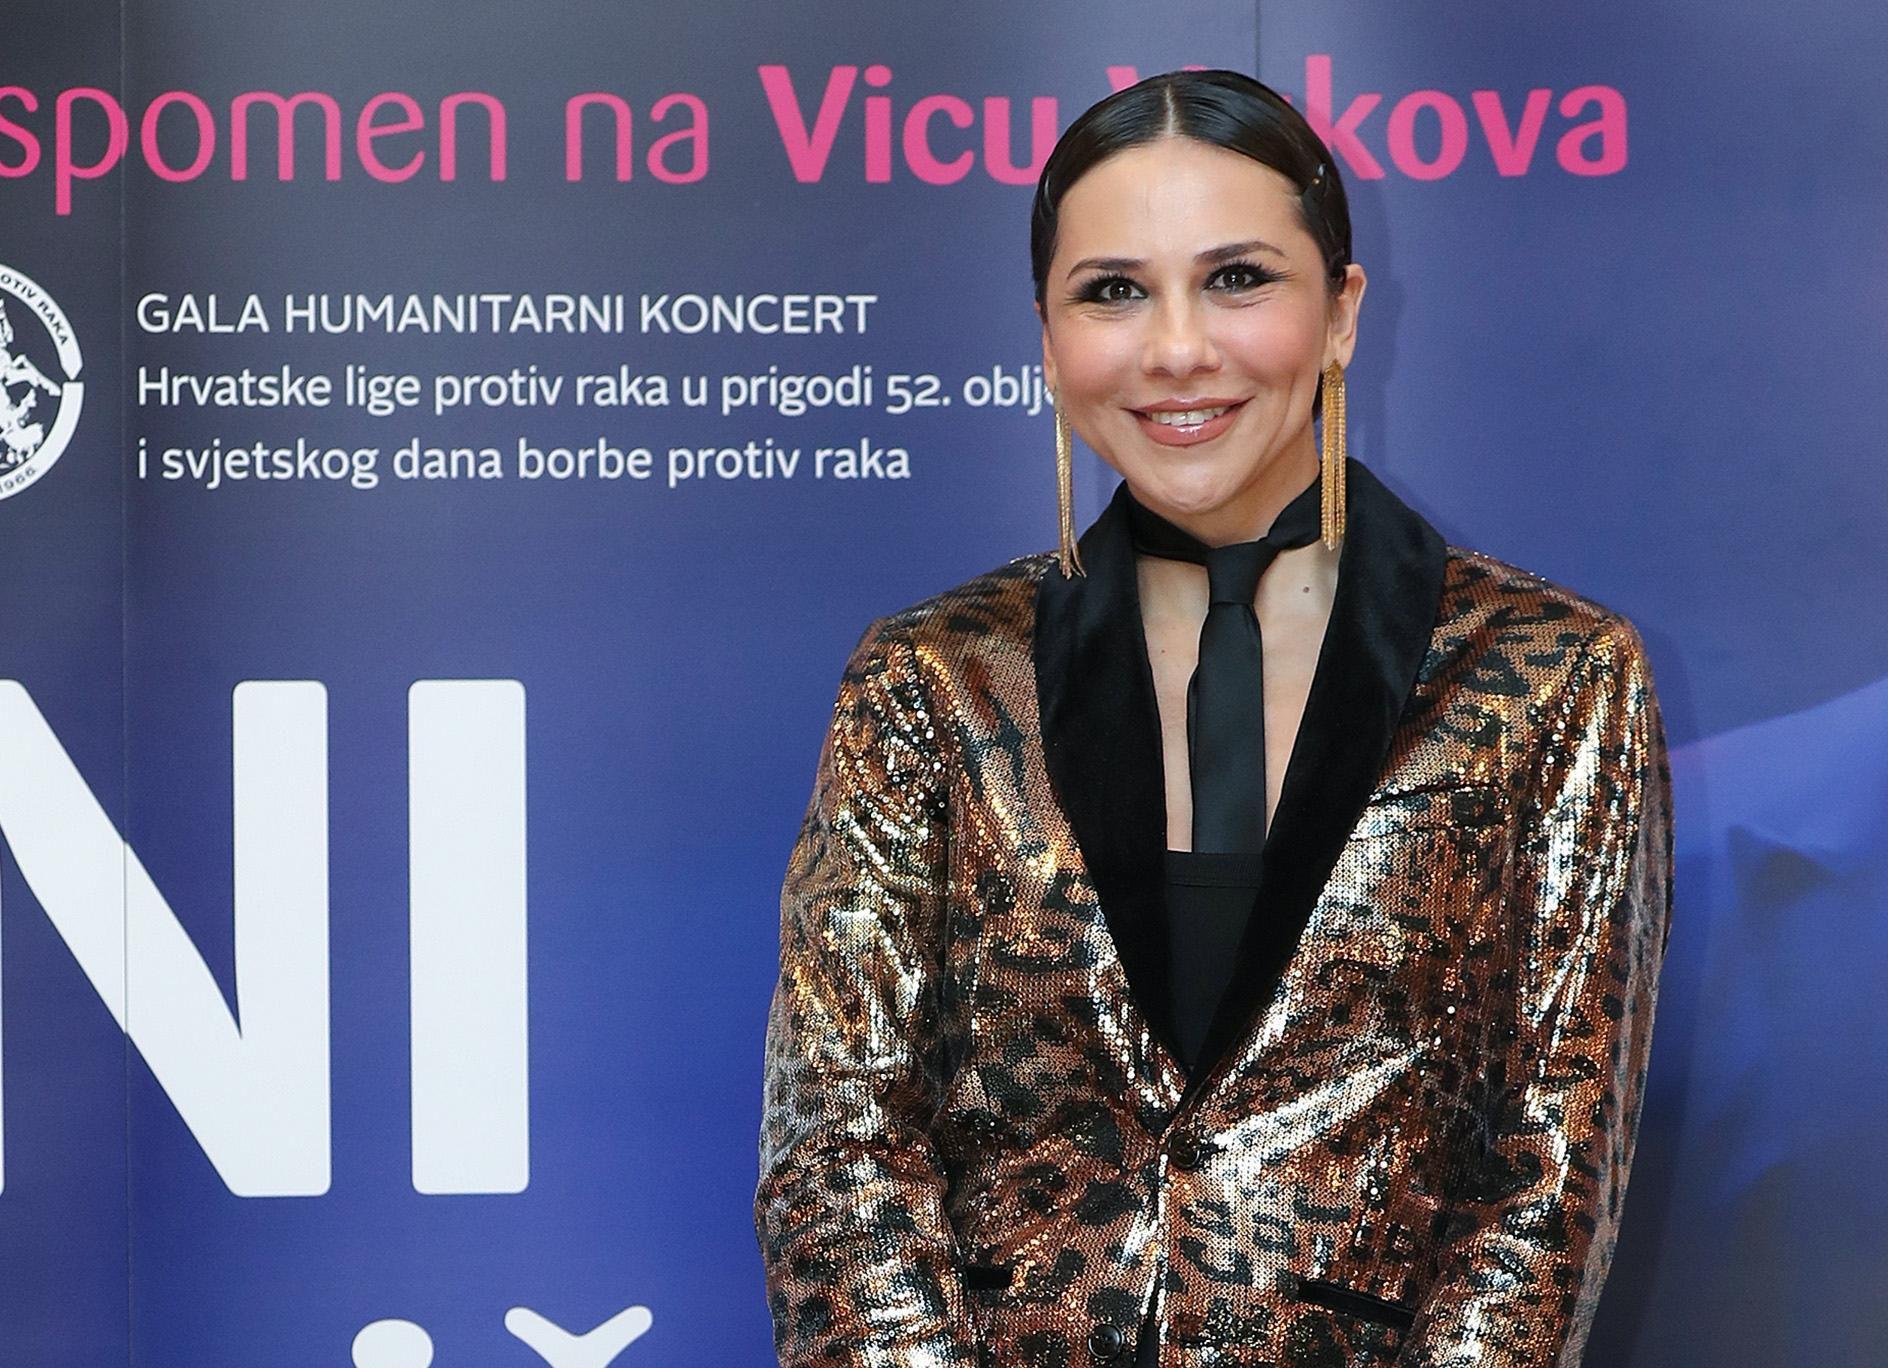 """Elegancija na način Borne Kotromanić: """"Kožne"""" tajice i esktremno visoke potpetice za gala koncert"""